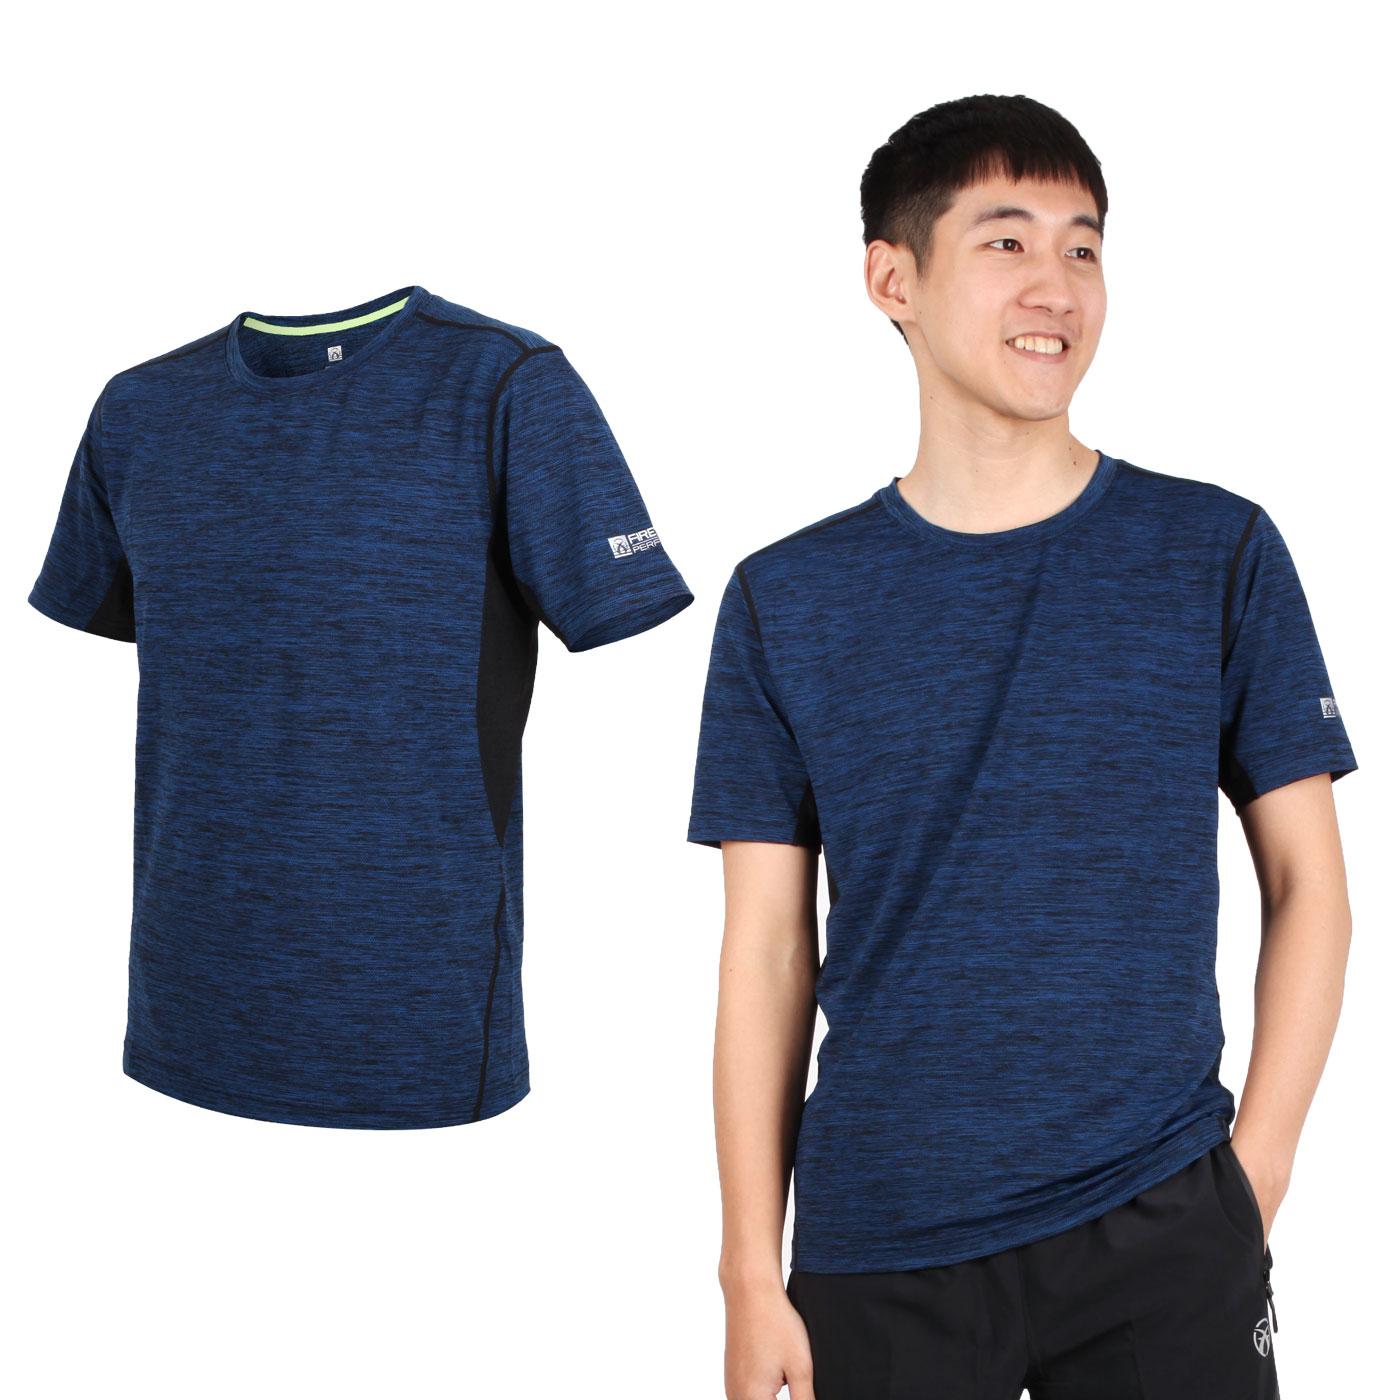 FIRESTAR 男款彈性圓領短袖T恤 D9230-18 - 麻花深藍黑